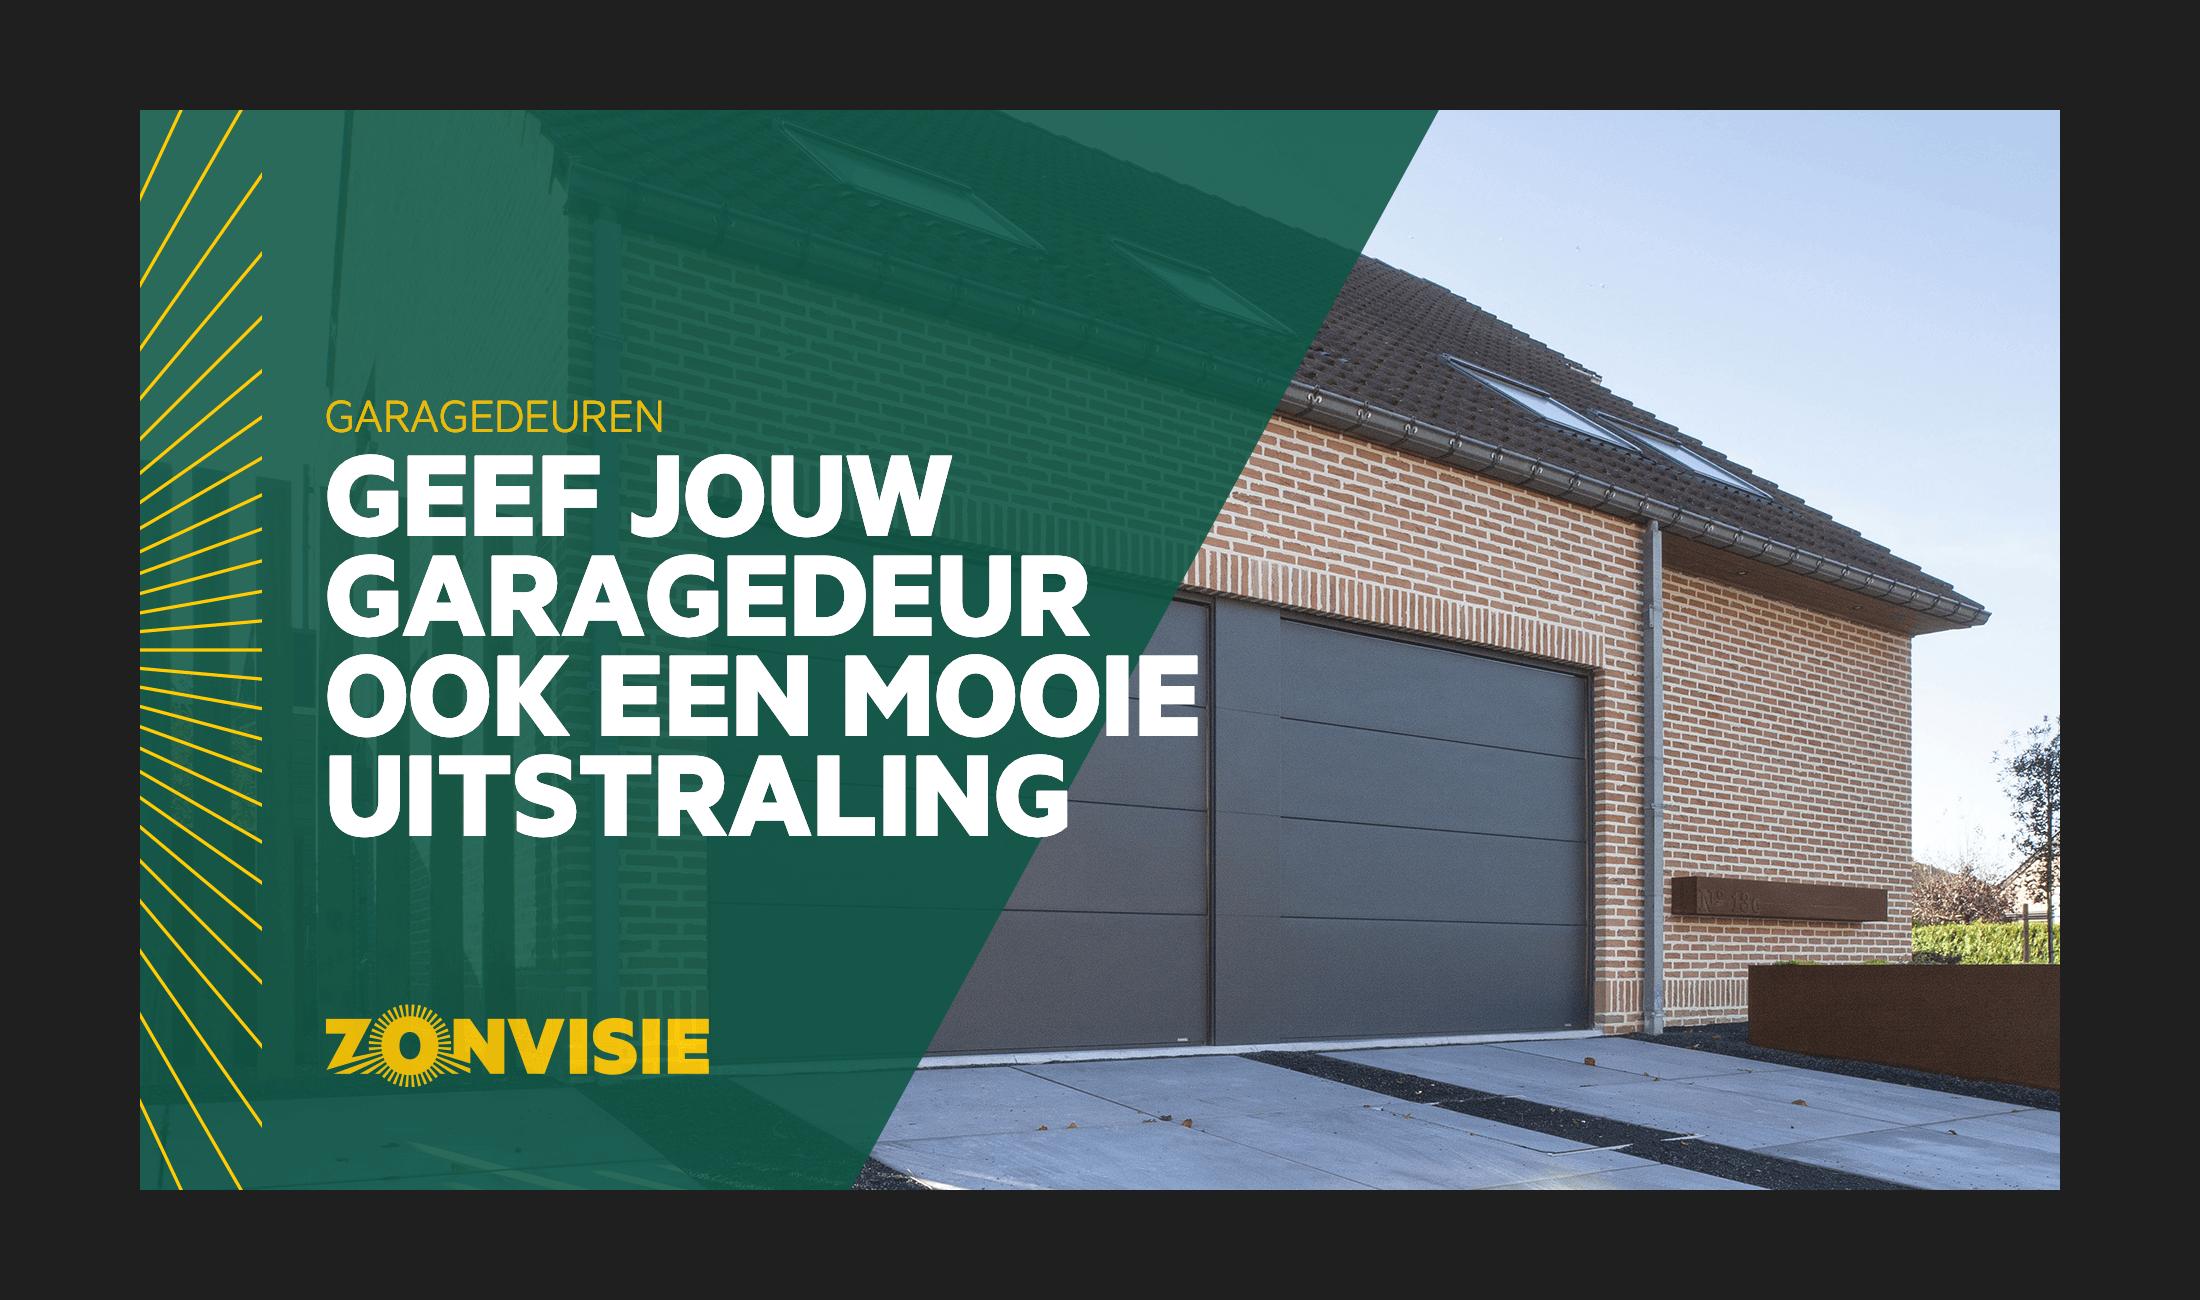 zonvisie_website-branding-garage